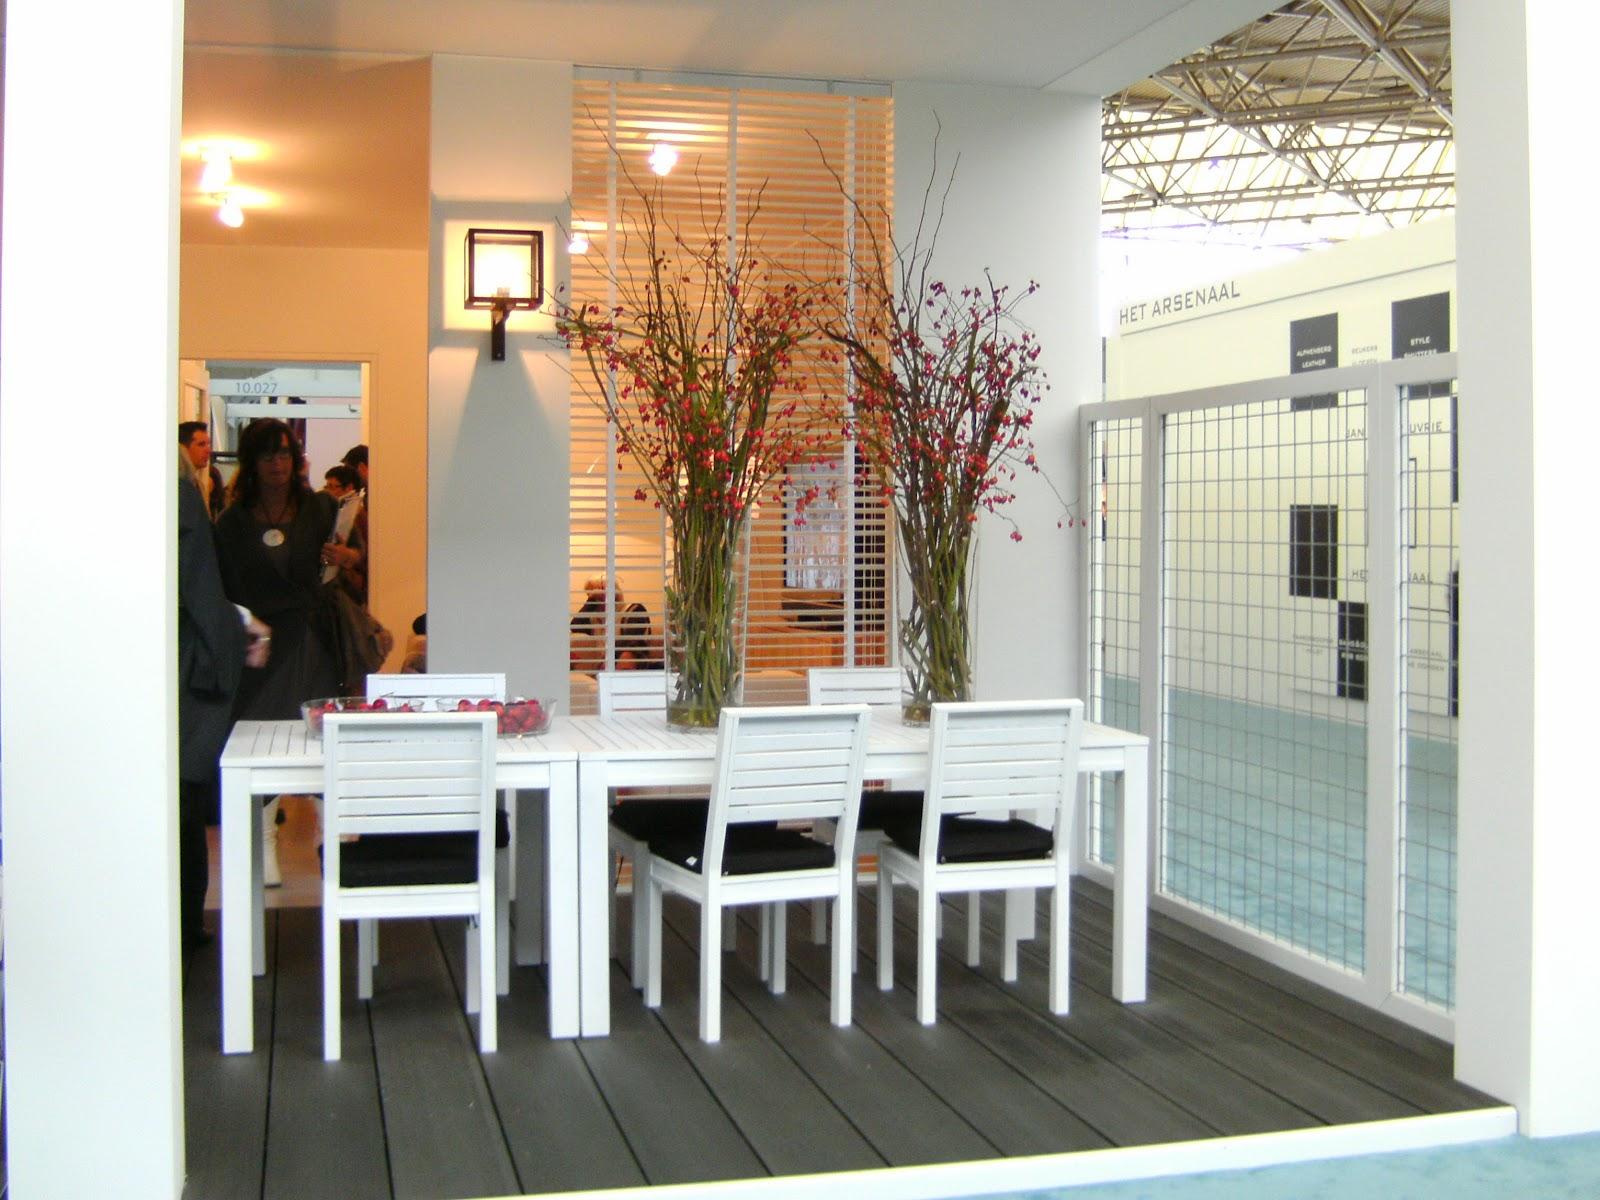 Byelisabethnl interiordesigner jan des bouvrie woonbeurs for Woonbeurs amsterdam